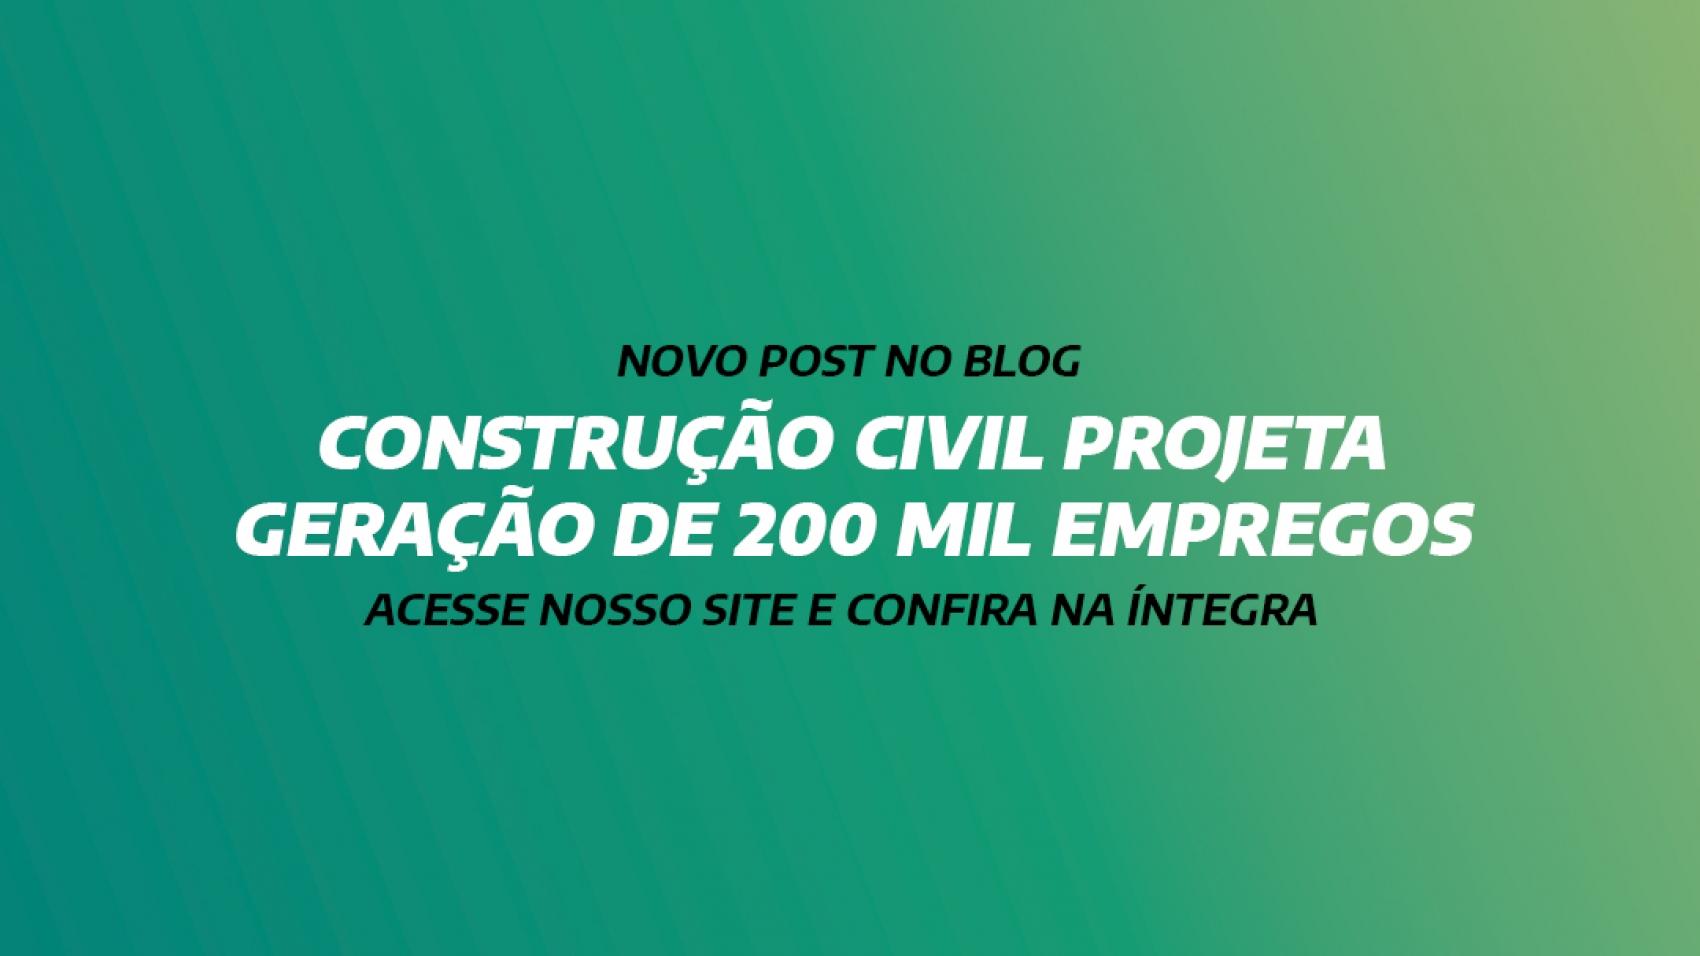 CONSTRUÇÃO CIVIL PROJETA GERAÇÃO DE 200 MIL EMPREGOS